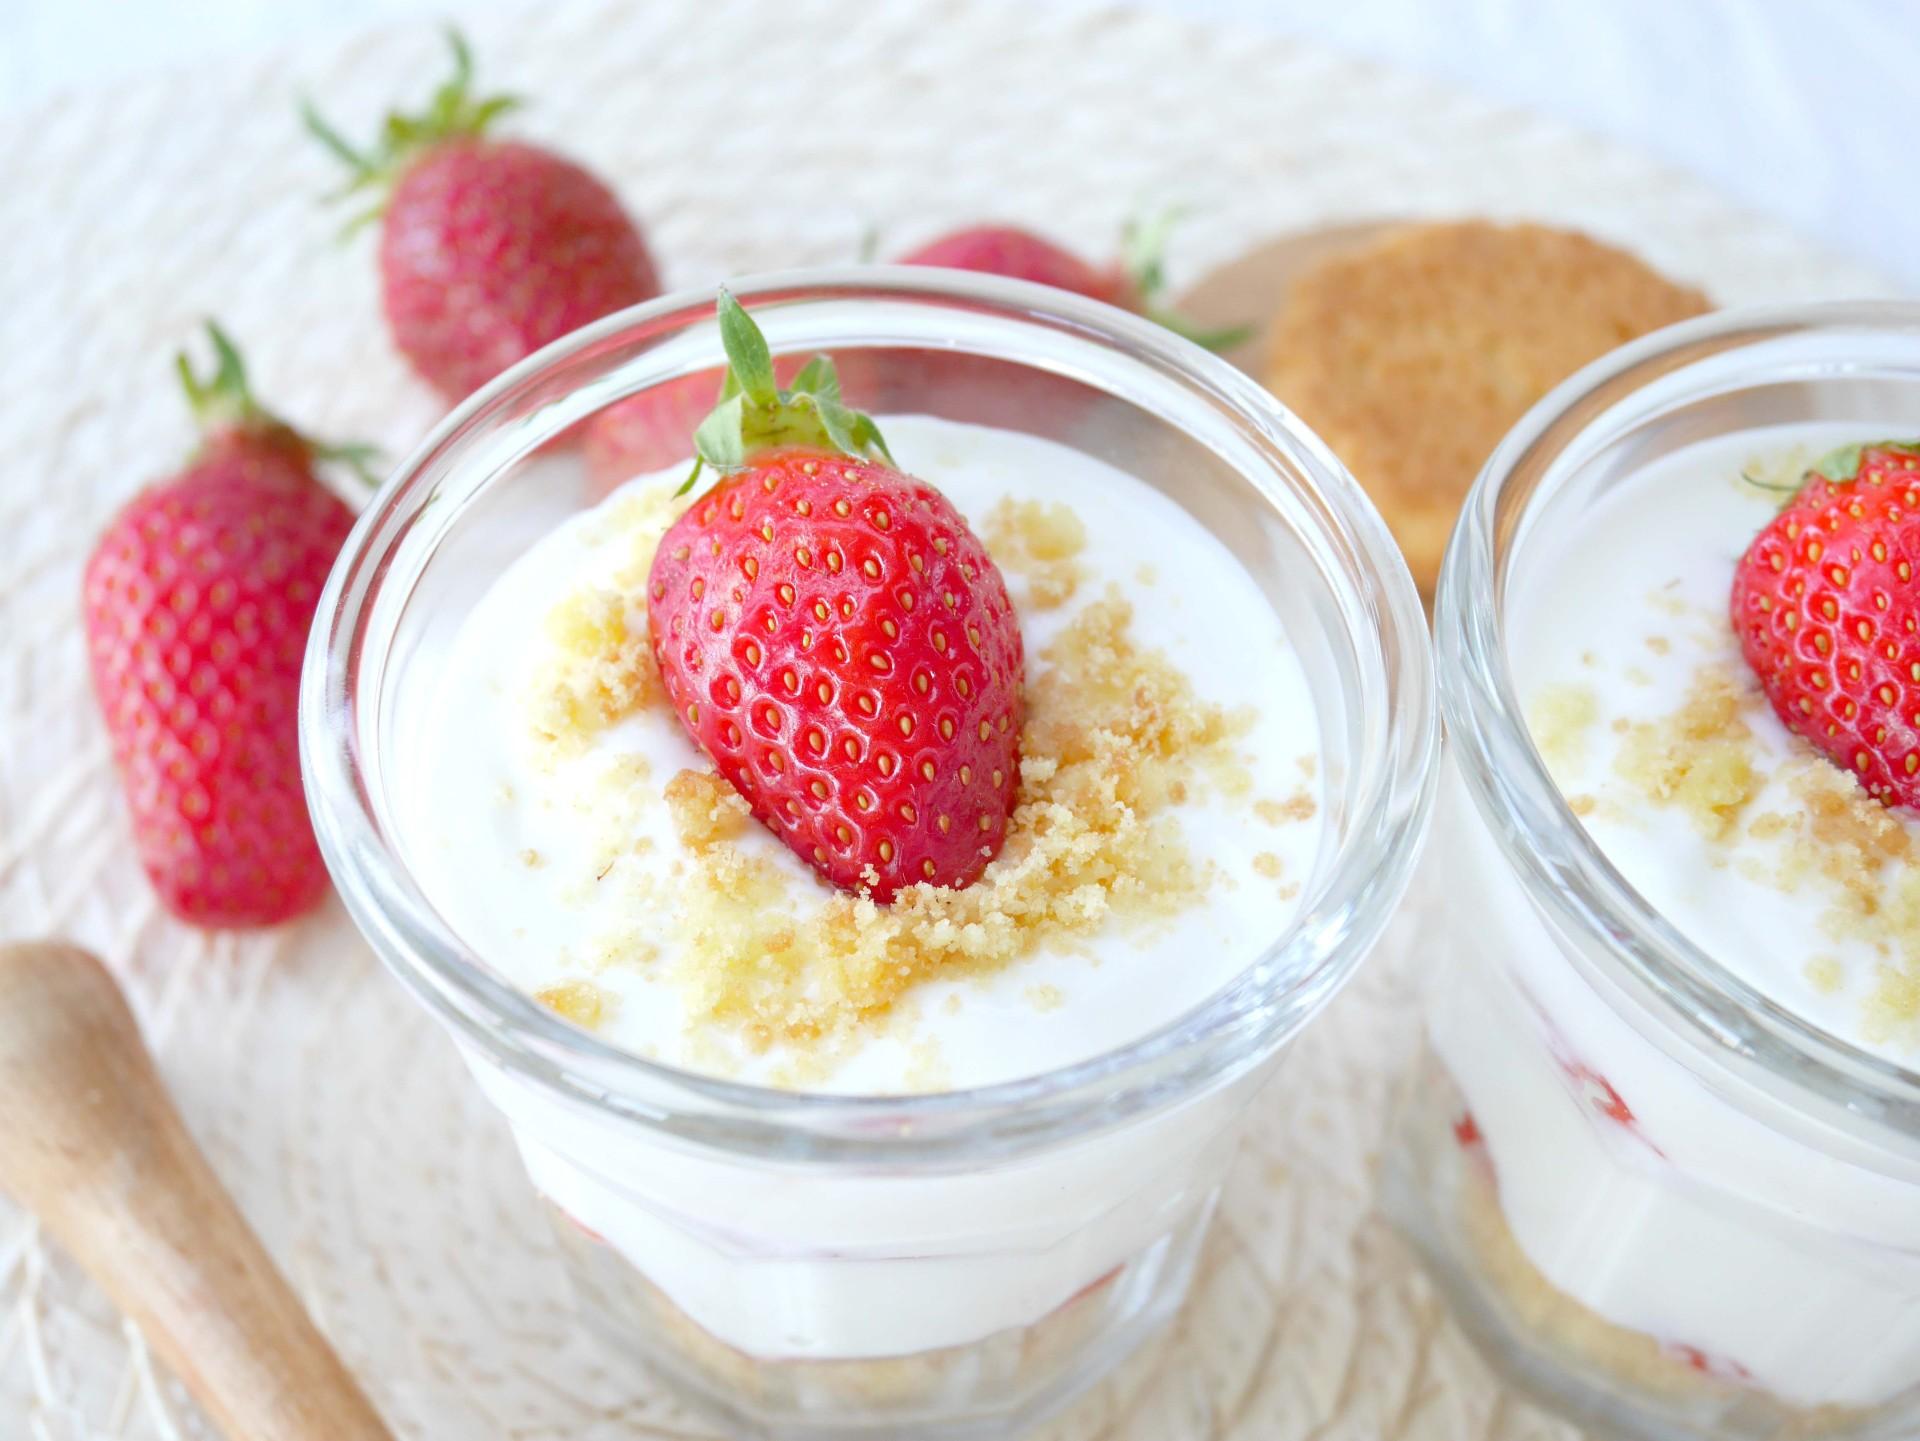 Recette-Dessert-Fraise-12.jpg